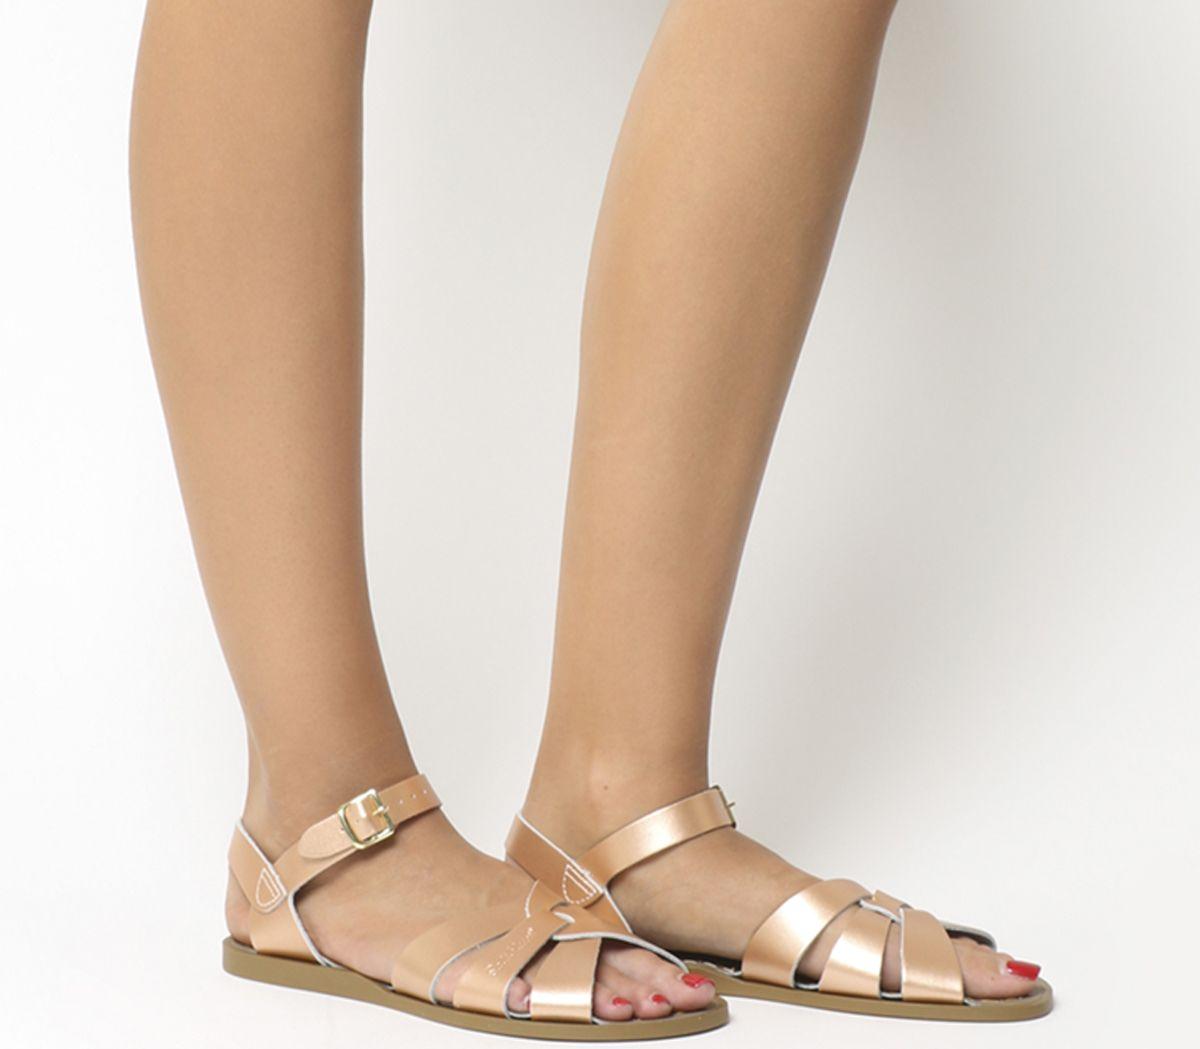 87fe96f23 Salt Water Salt Water Original Rose Gold Leather - Sandals